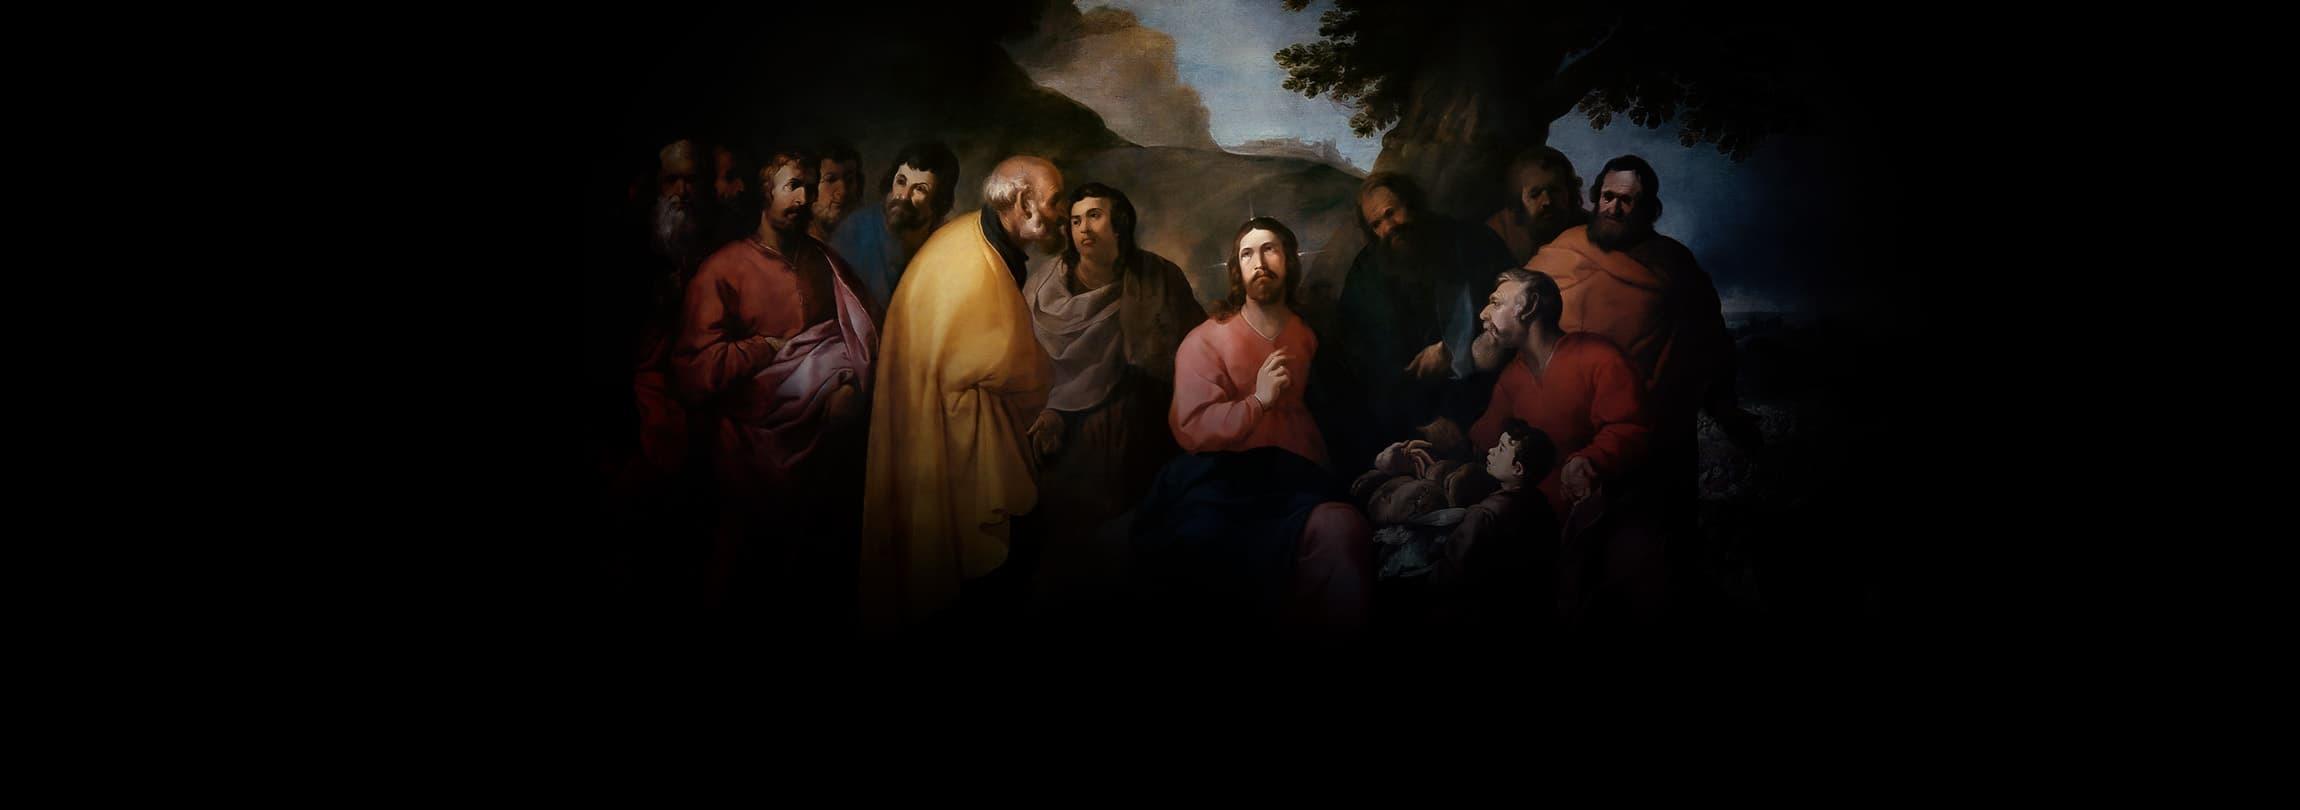 """Quem são os """"irmãos do Senhor""""?"""